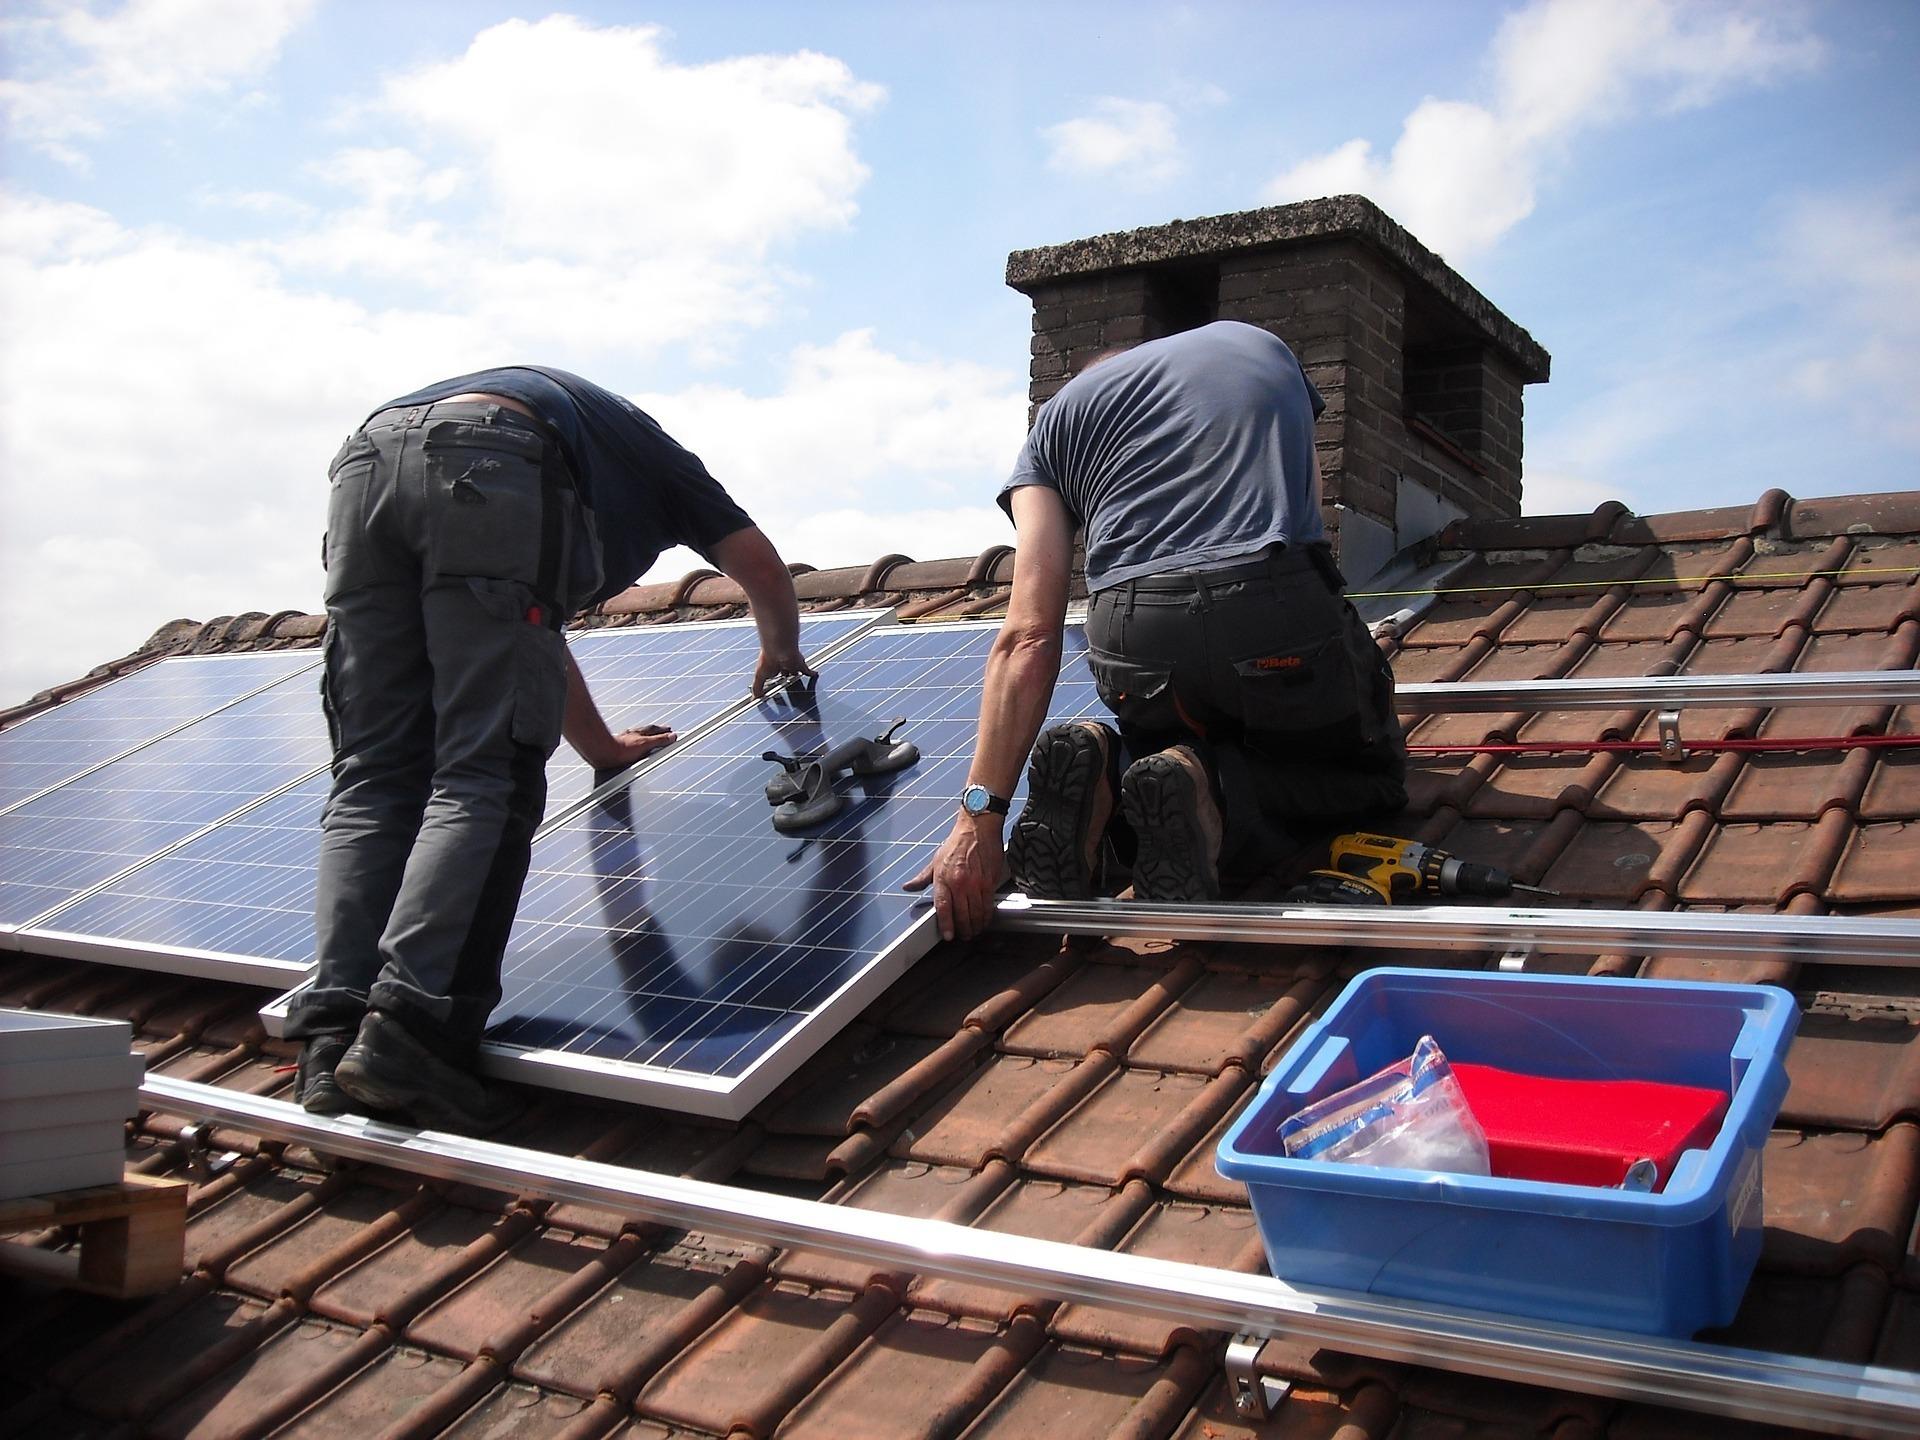 Zou jij zonnepanelen huren?